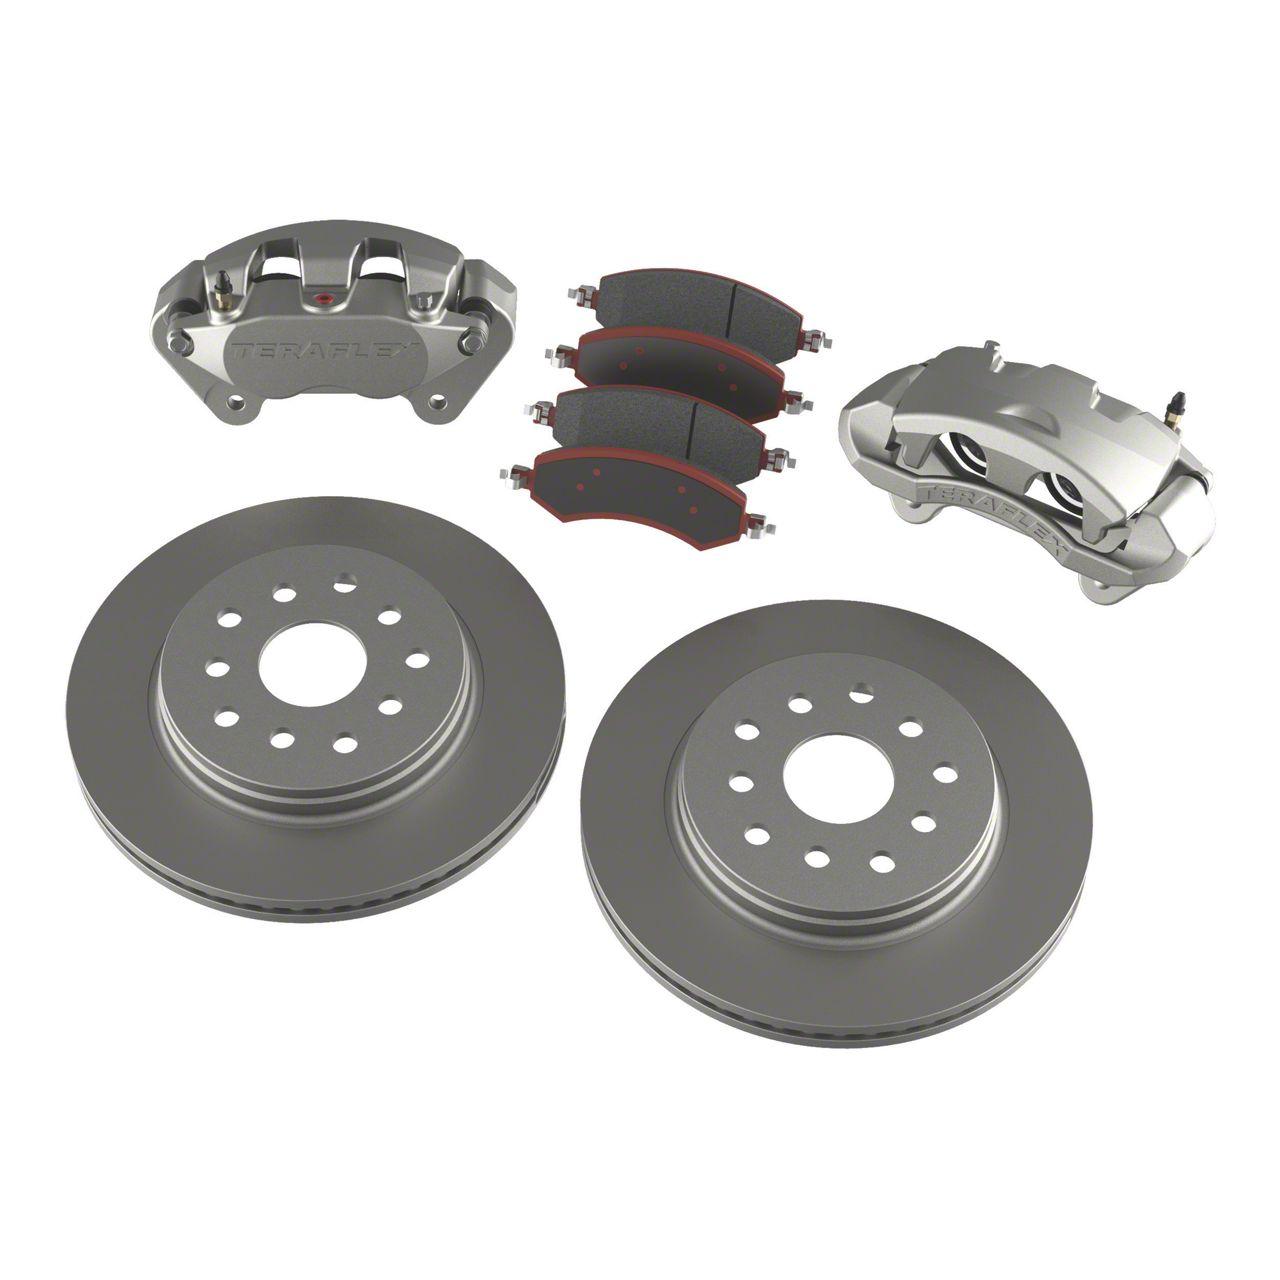 Teraflex Front Big Brake Kit w/ 13.3 in. Vented Rotors (07-18 Jeep Wrangler JK)